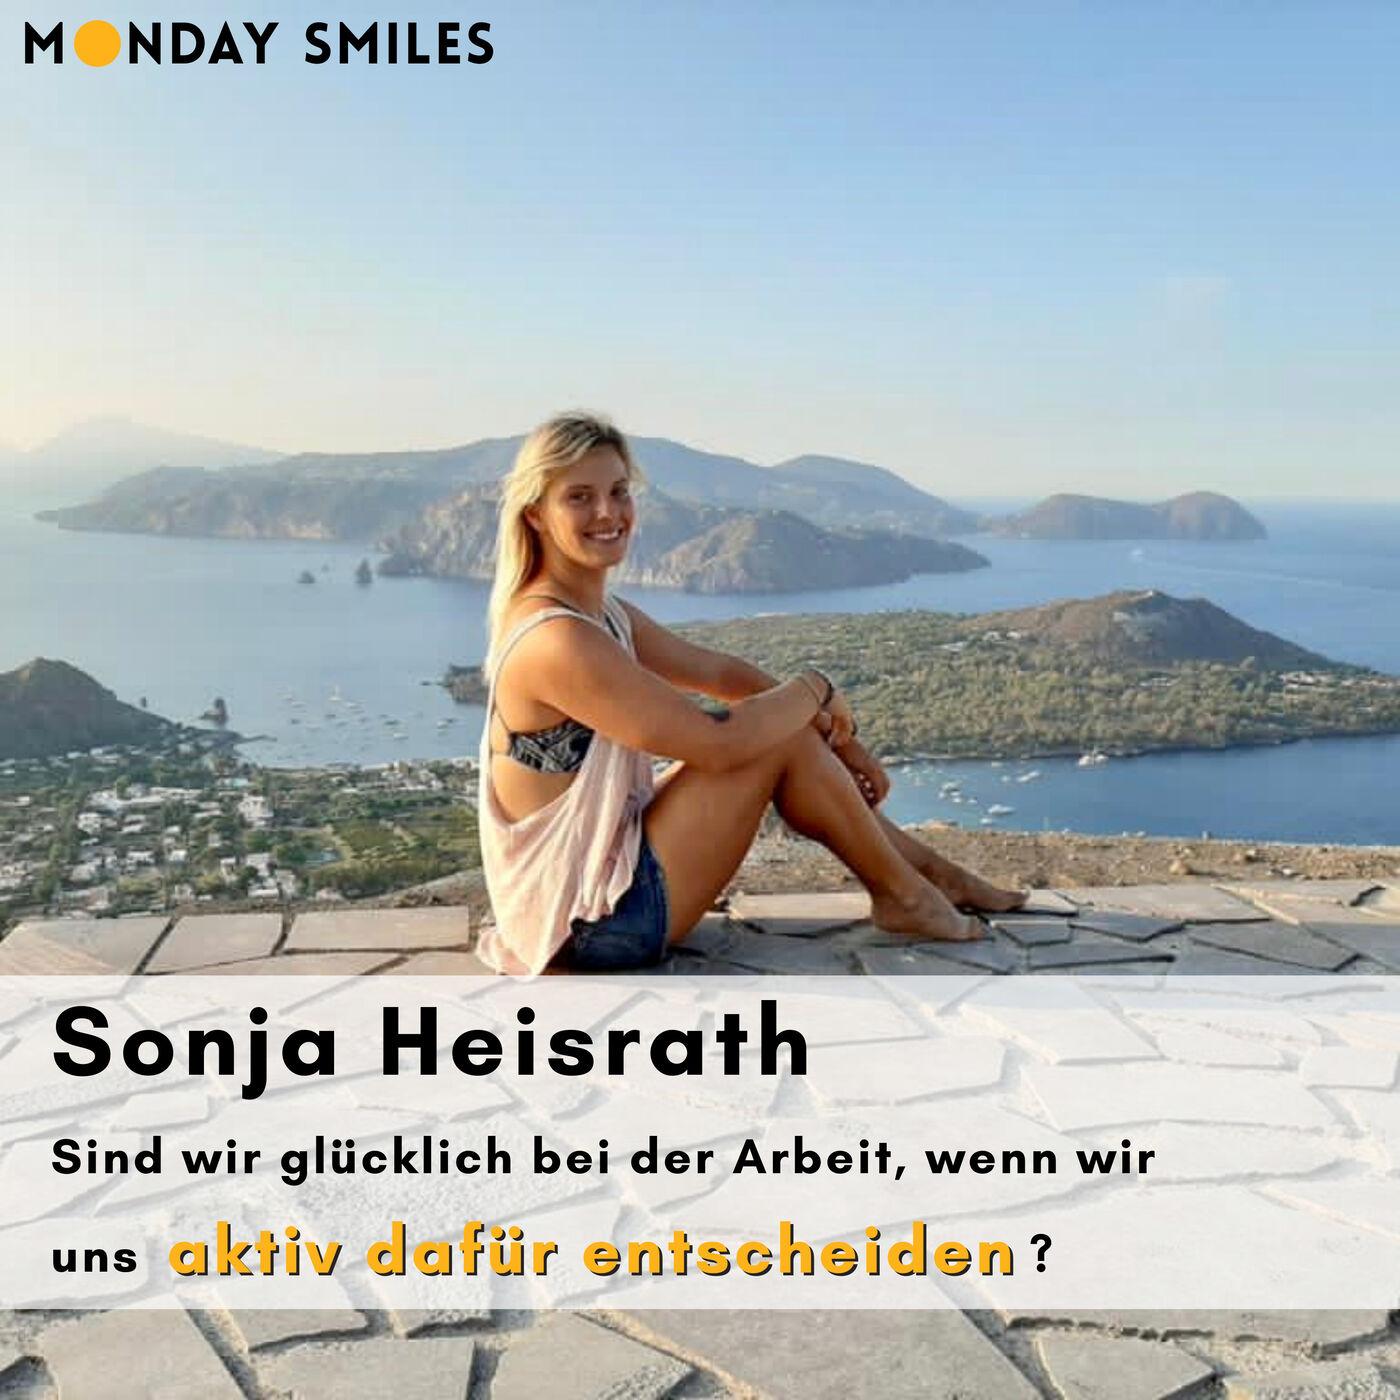 10 - Sonja Heisrath: Sind wir glücklich bei der Arbeit, wenn wir uns aktiv dafür entscheiden?